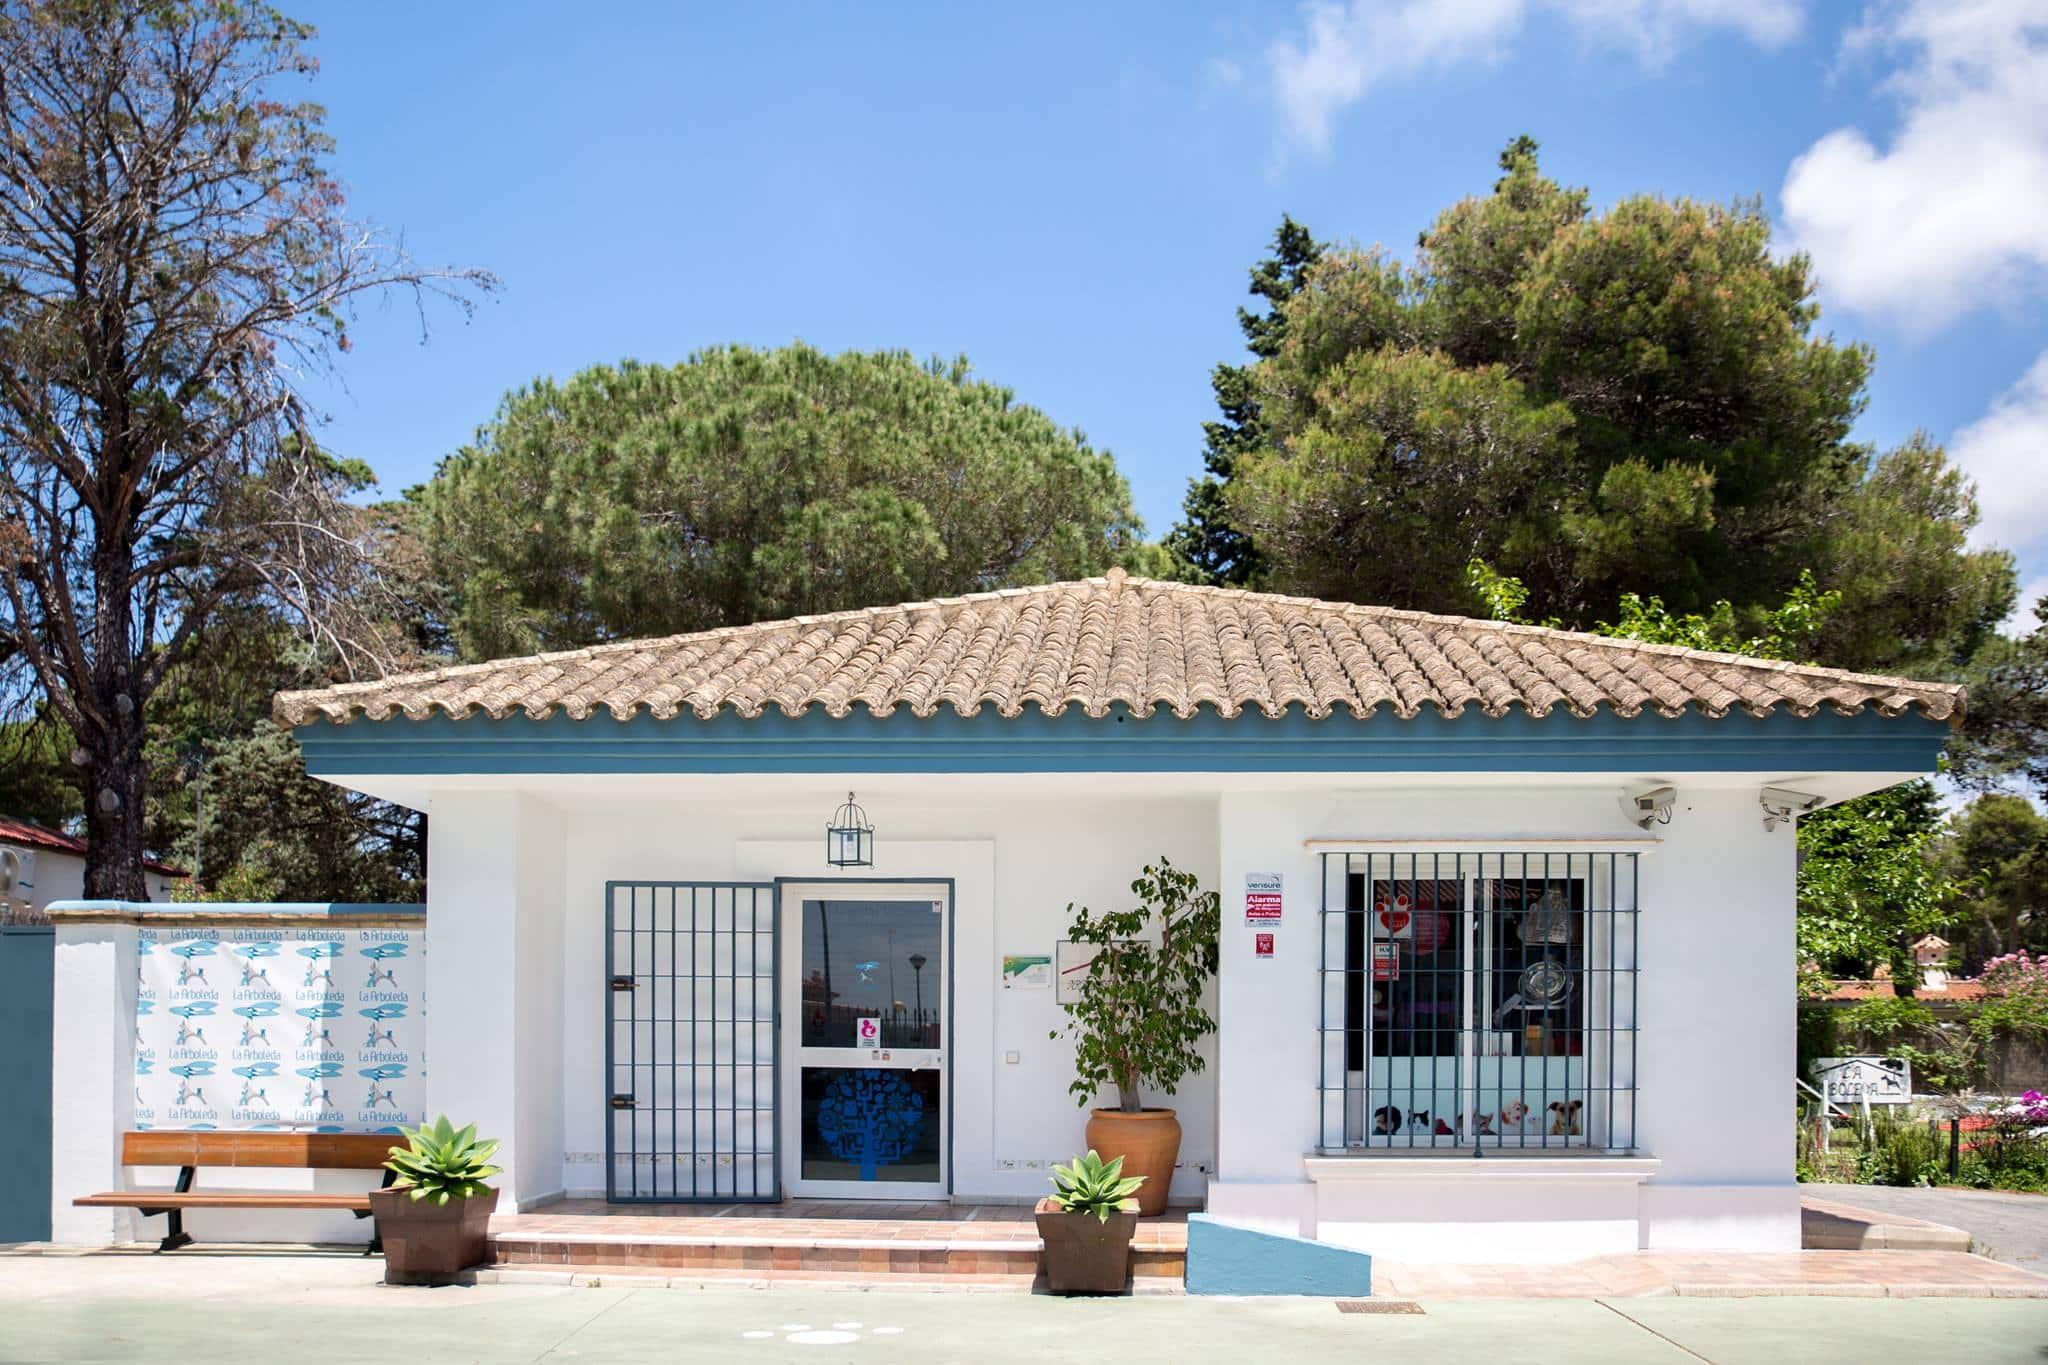 Clinica veterinaria 24h en Cádiz